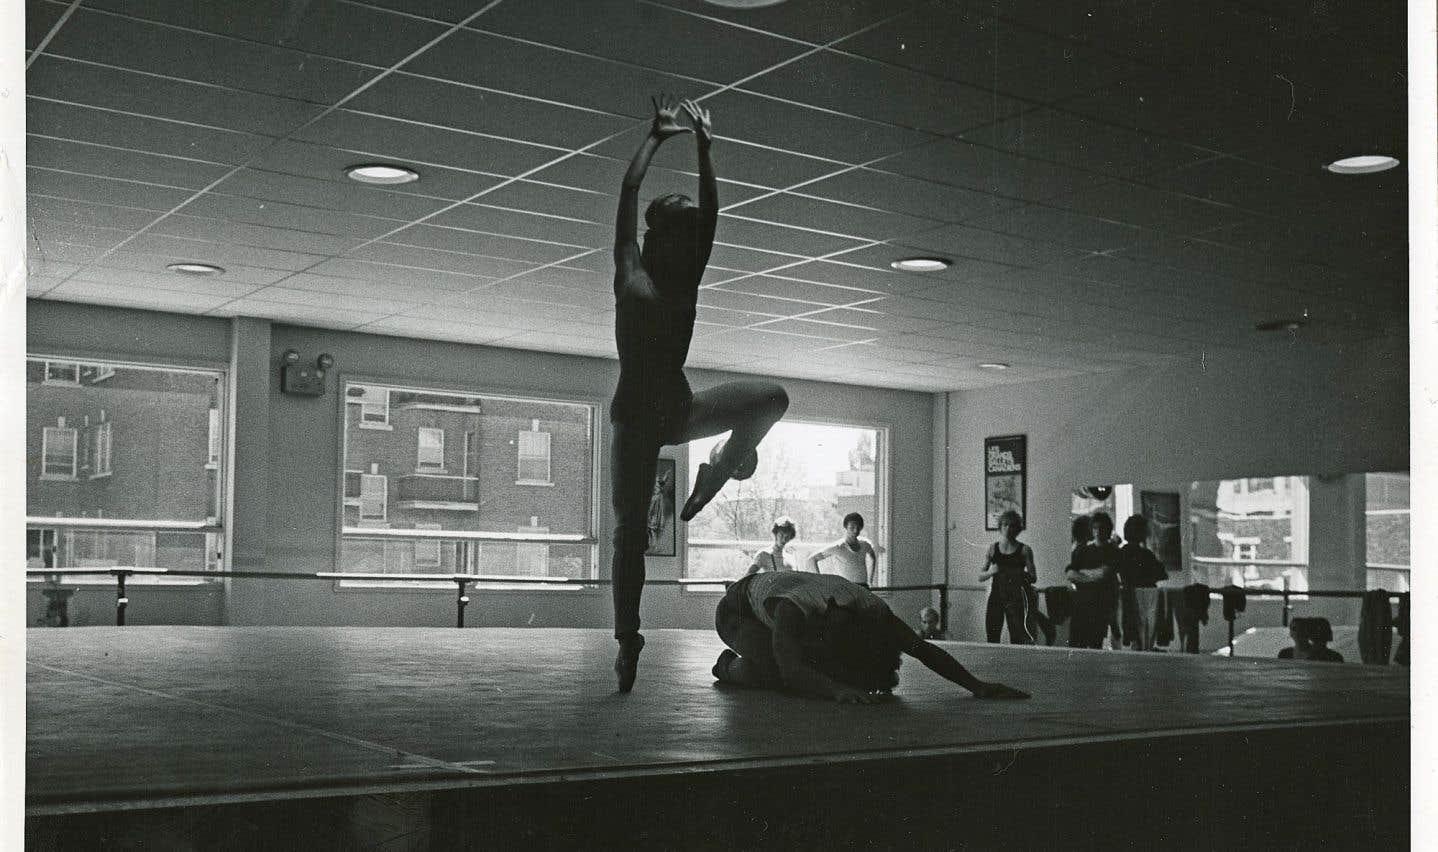 Comment préserver l'art du mouvement et l'art vivant?